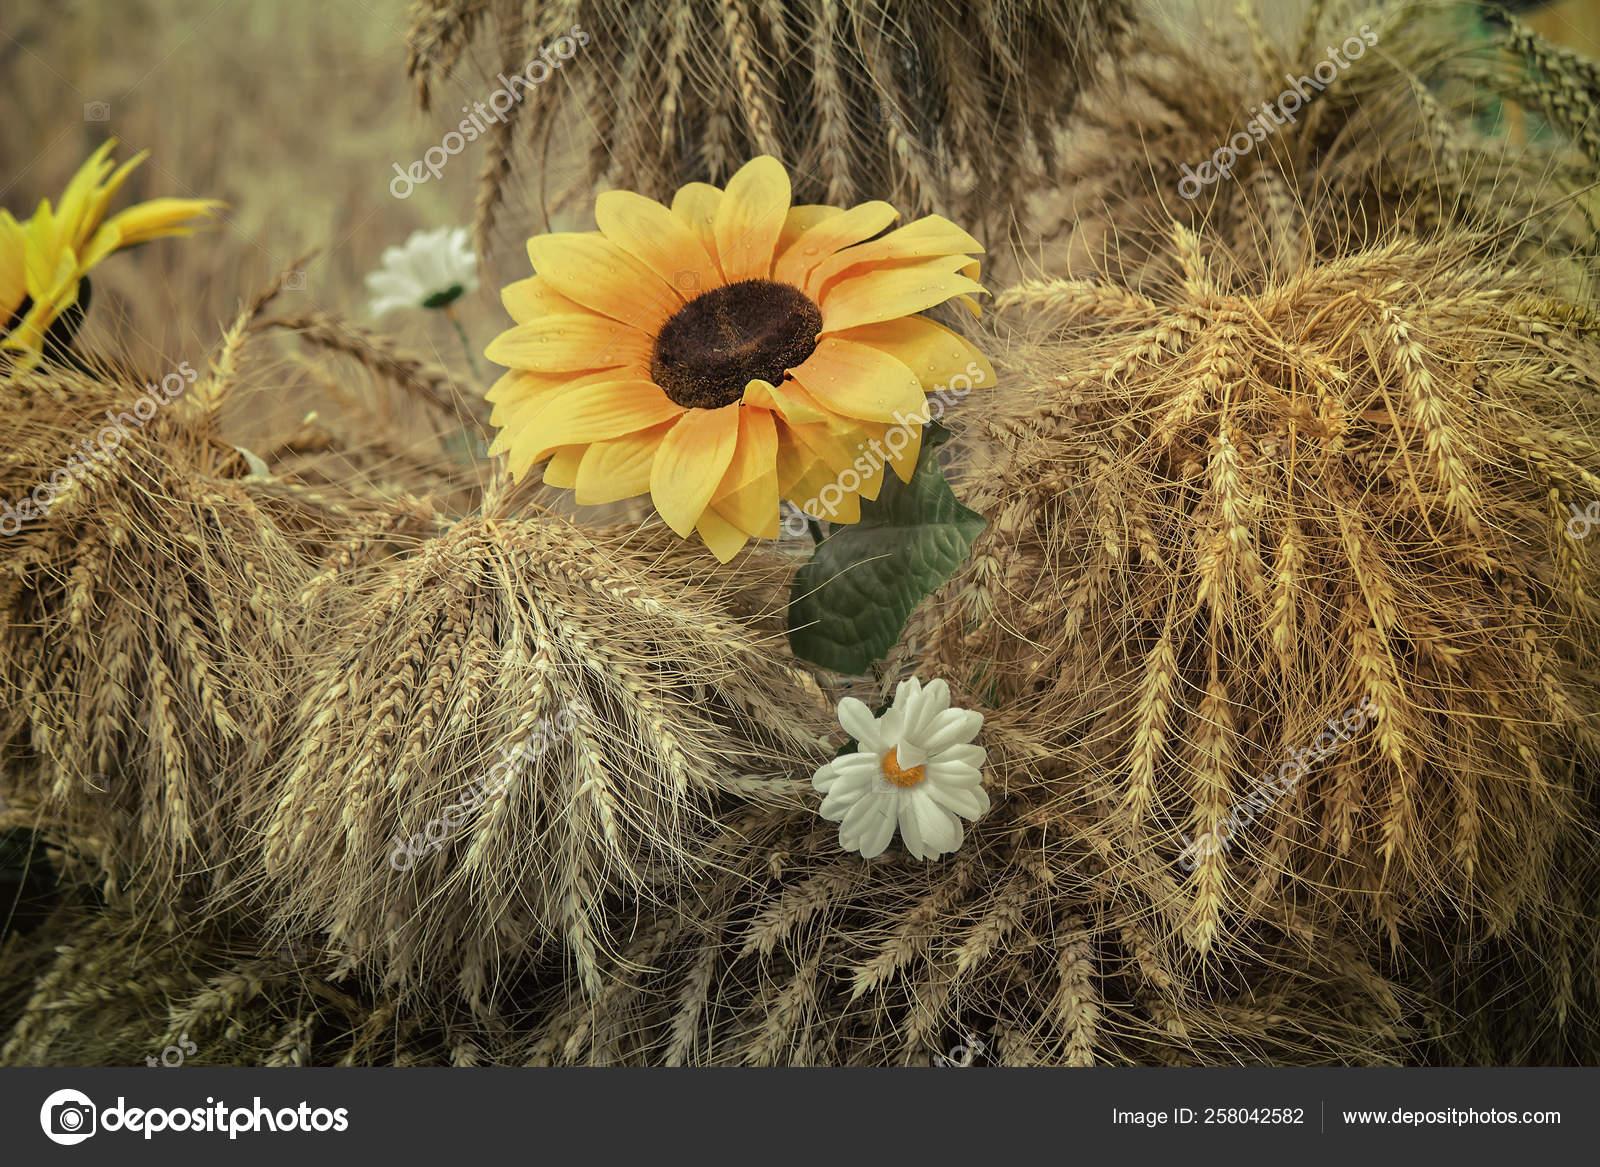 Stillleben Schone Weisse Und Gelbe Kunstblumen Umgeben Von Ahren Reifen Stockfoto C Yayimages 258042582